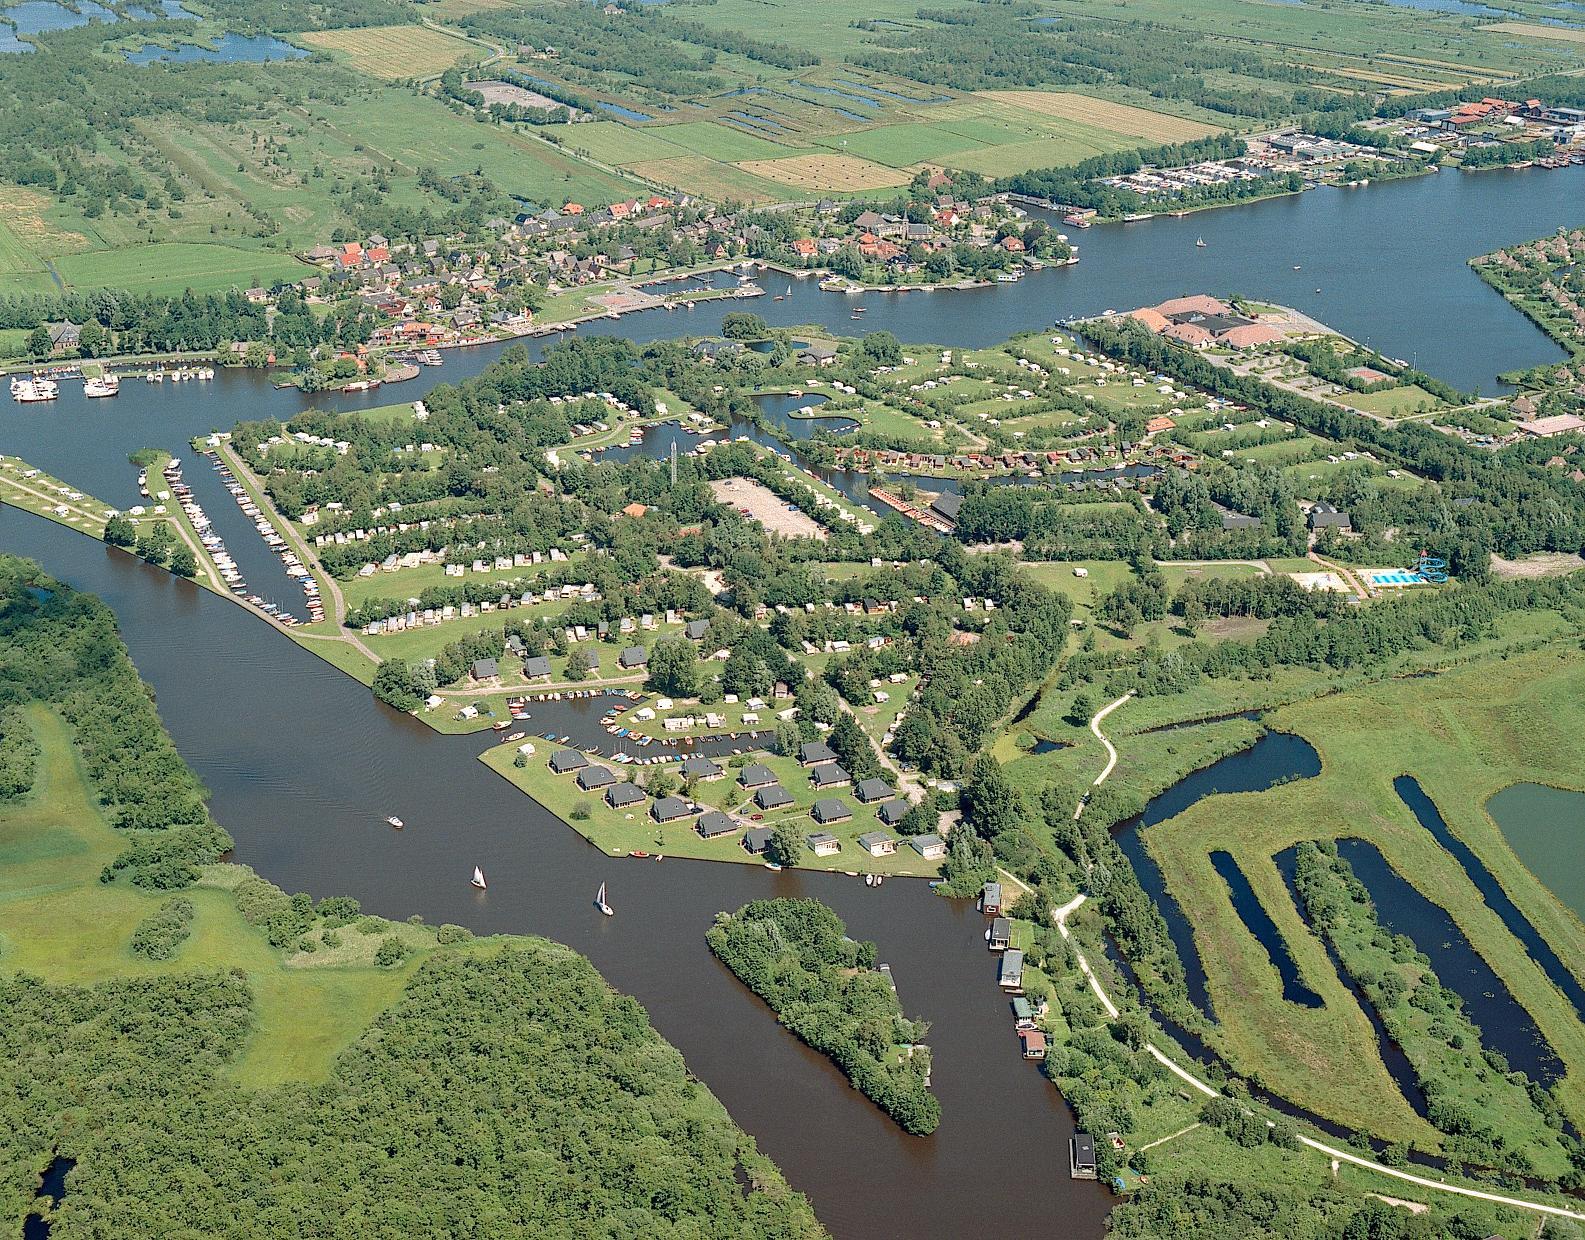 wietzaden bestellen in Friesland